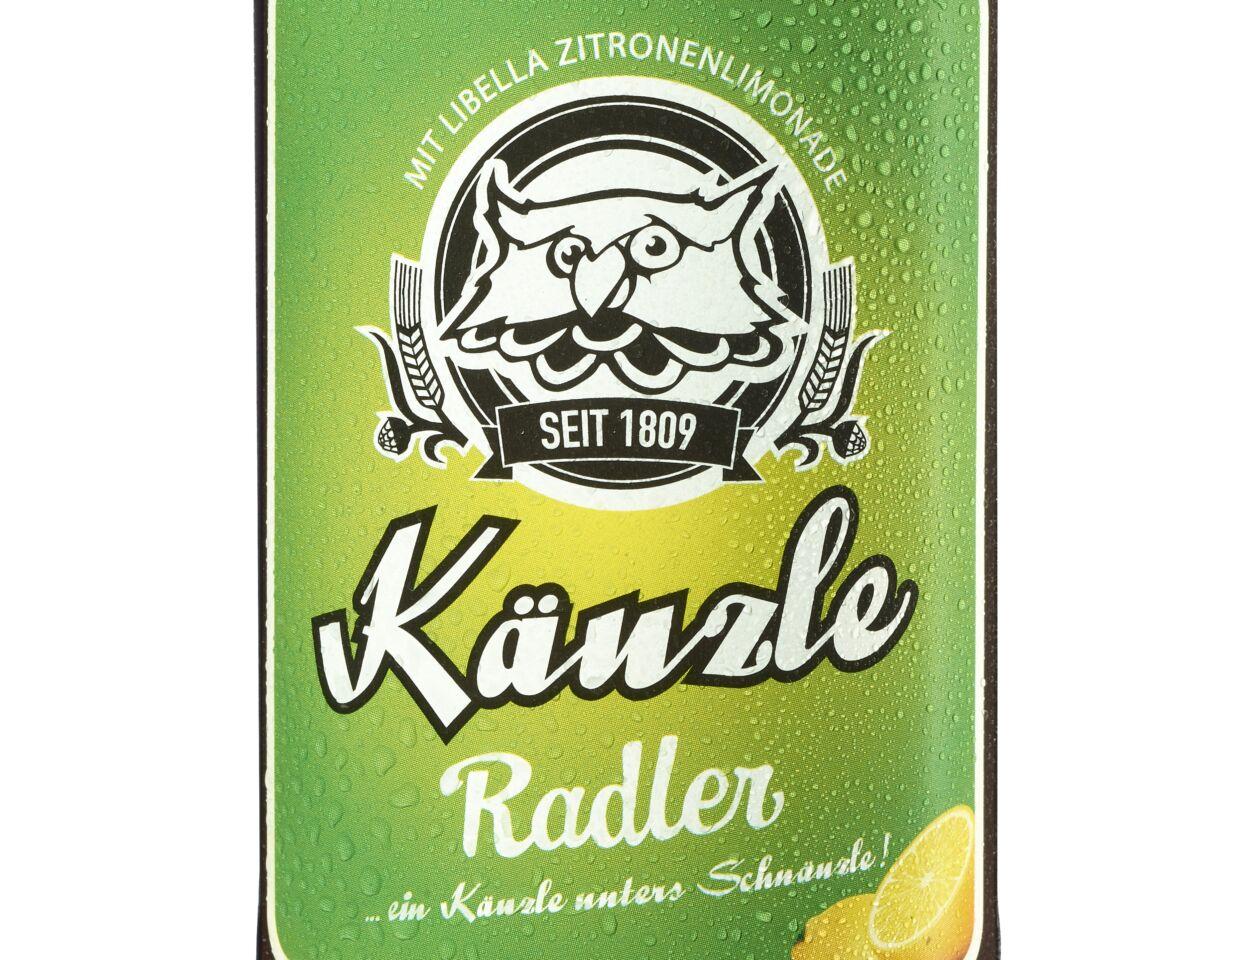 """Das neue Käuzle Radler: """"Die Mischung ist unser Bier!"""""""